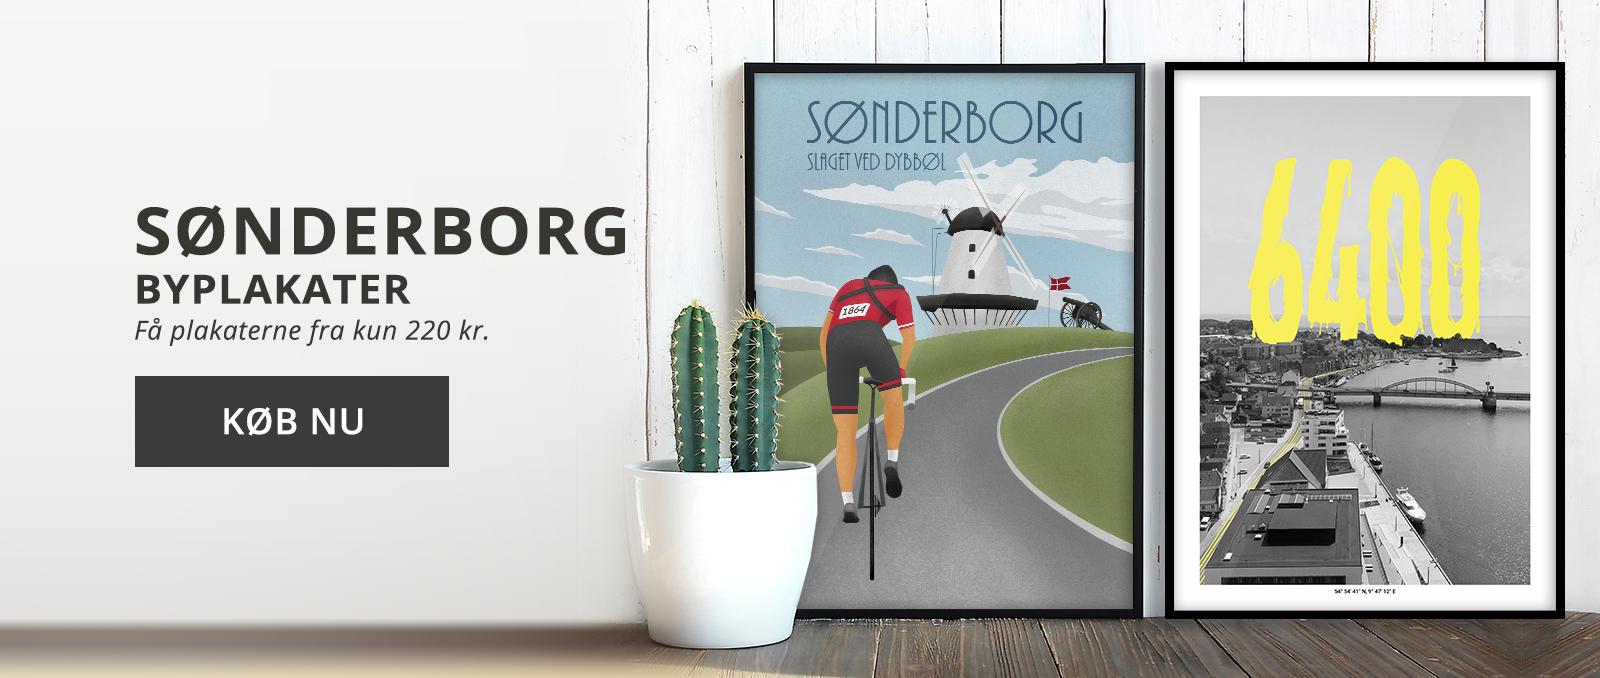 soenderborg_byplakater